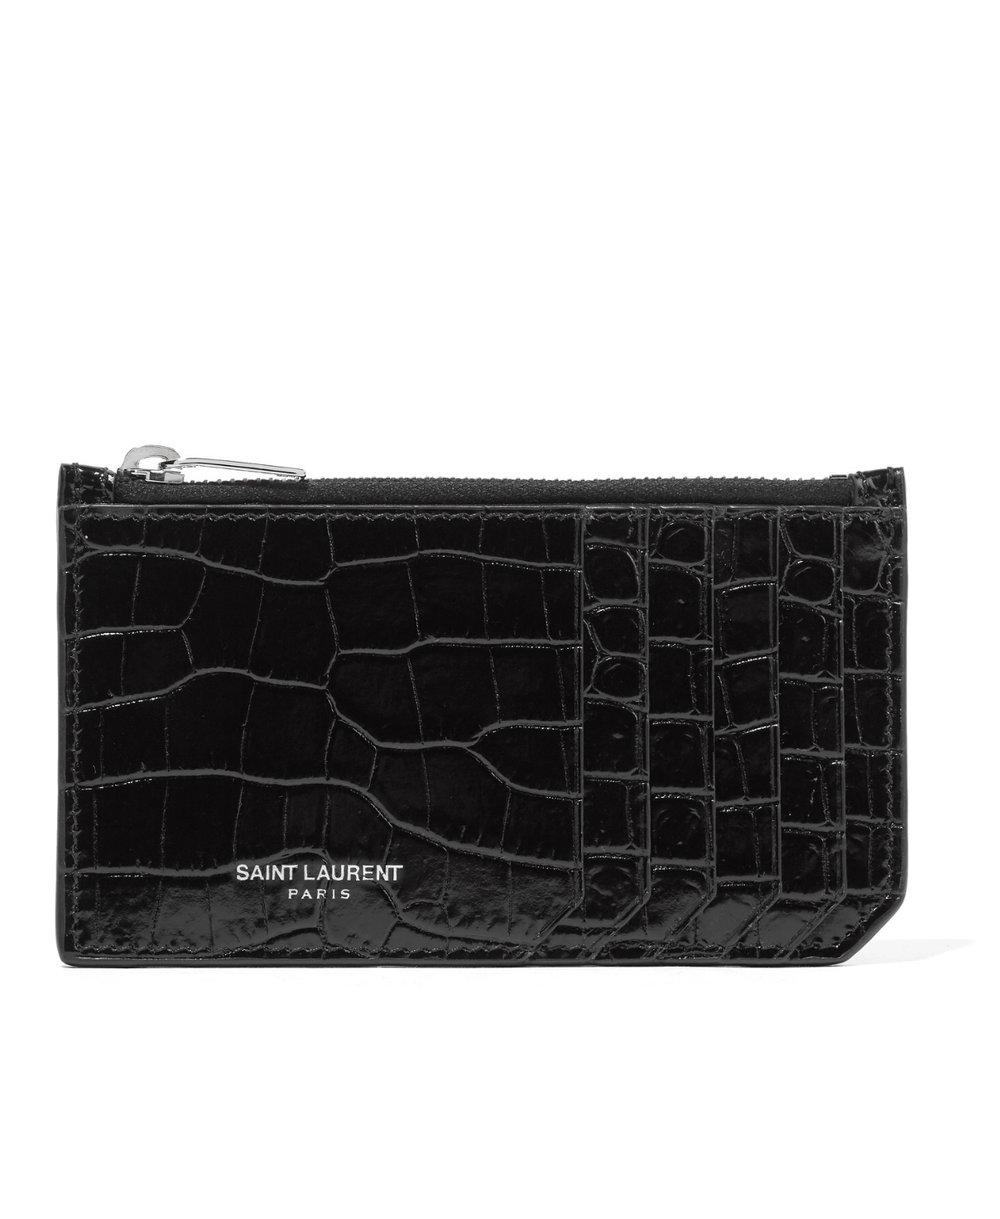 Saint Laurent Croc-Effect Leather Cardholder - 195€